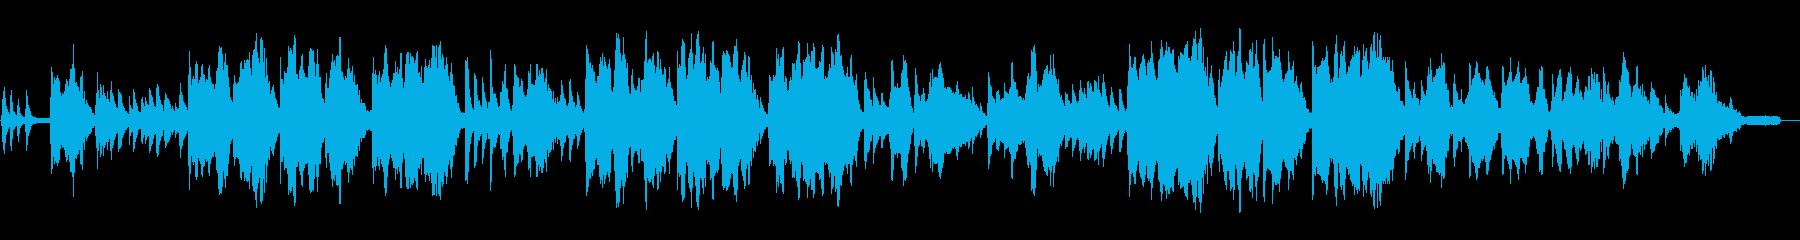 ピアノと鍵盤ハーモニカの童謡「ふるさと」の再生済みの波形